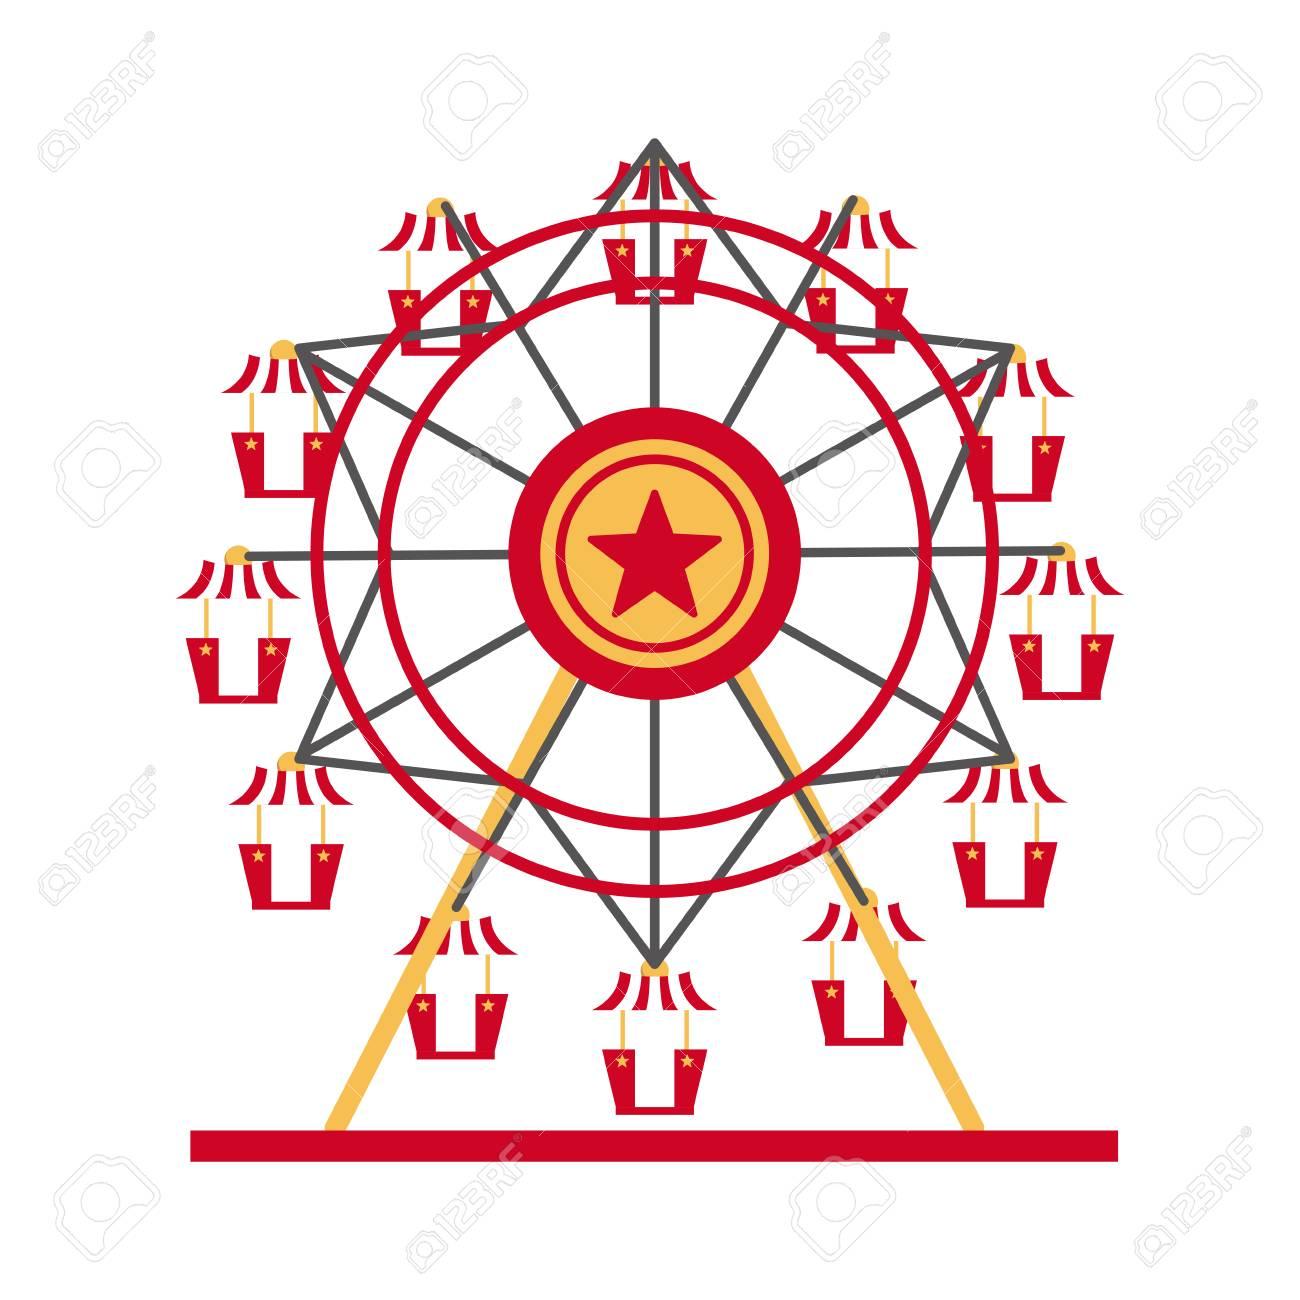 Carnival ferris wheel icon vector illustration graphic design.